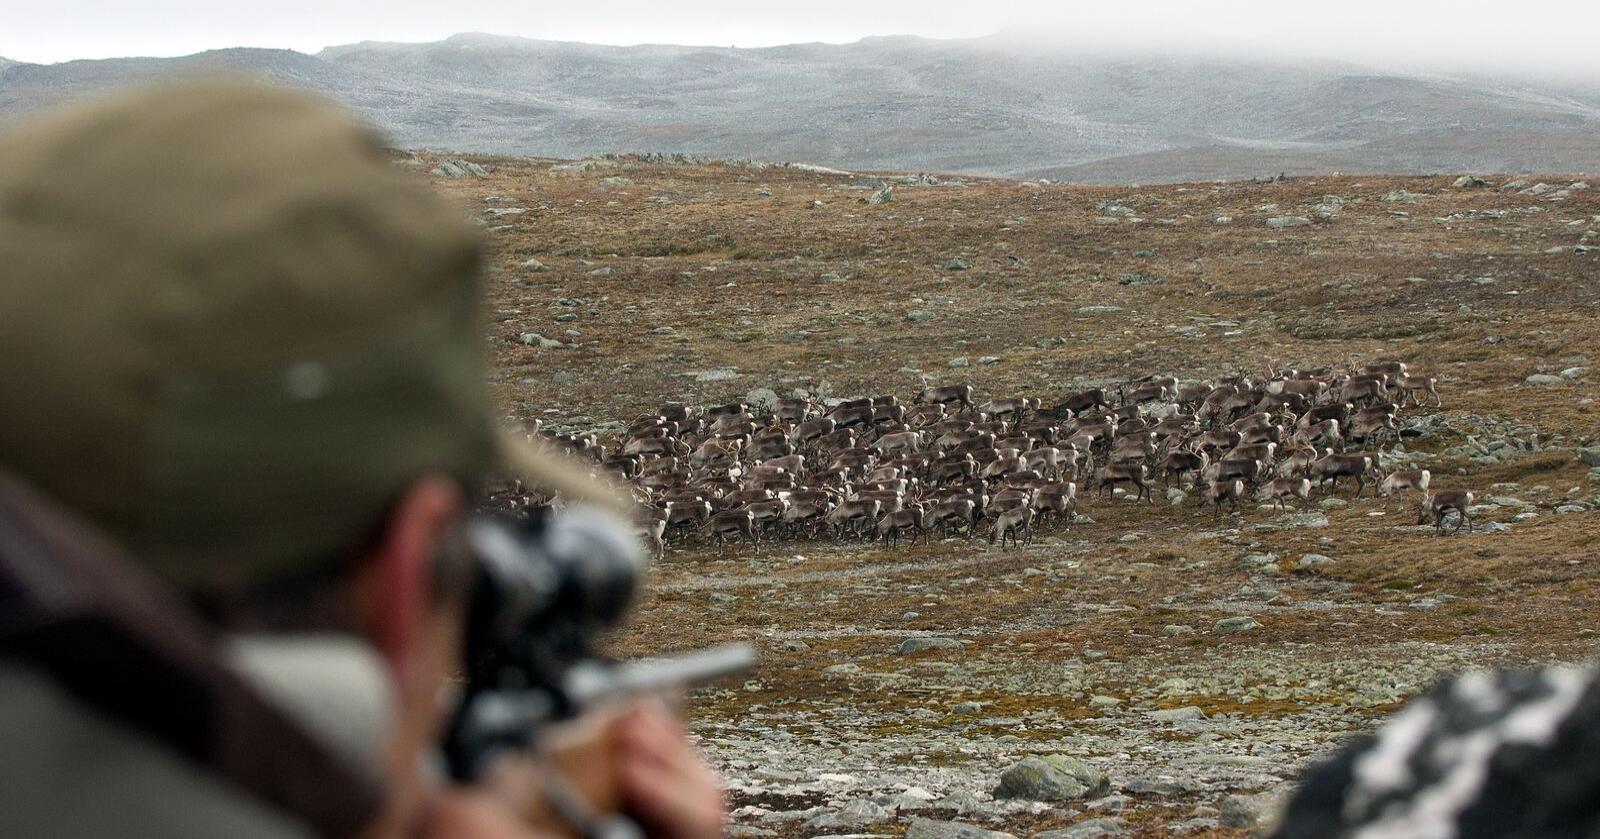 I 20 år har Norskog kjempet for å få fjernet moms på jakt og fiske for private grunneiere. Illustrasjonsfoto: Vegard Lødøen